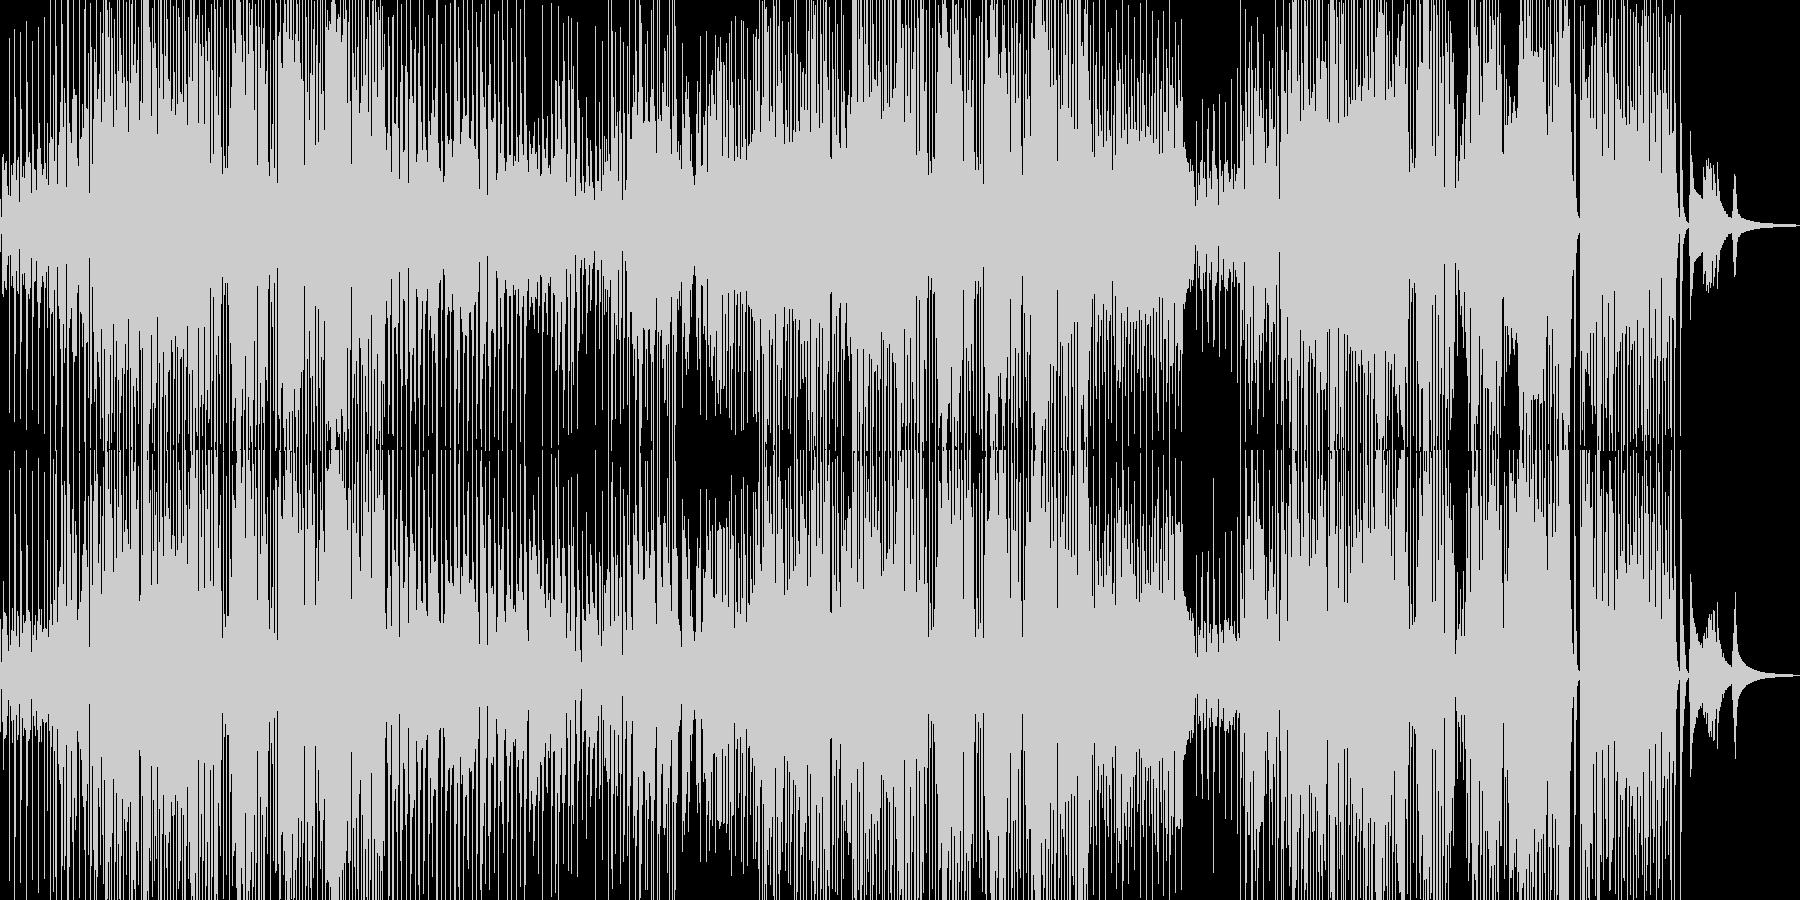 ユーモラスで軽快なジャズの未再生の波形